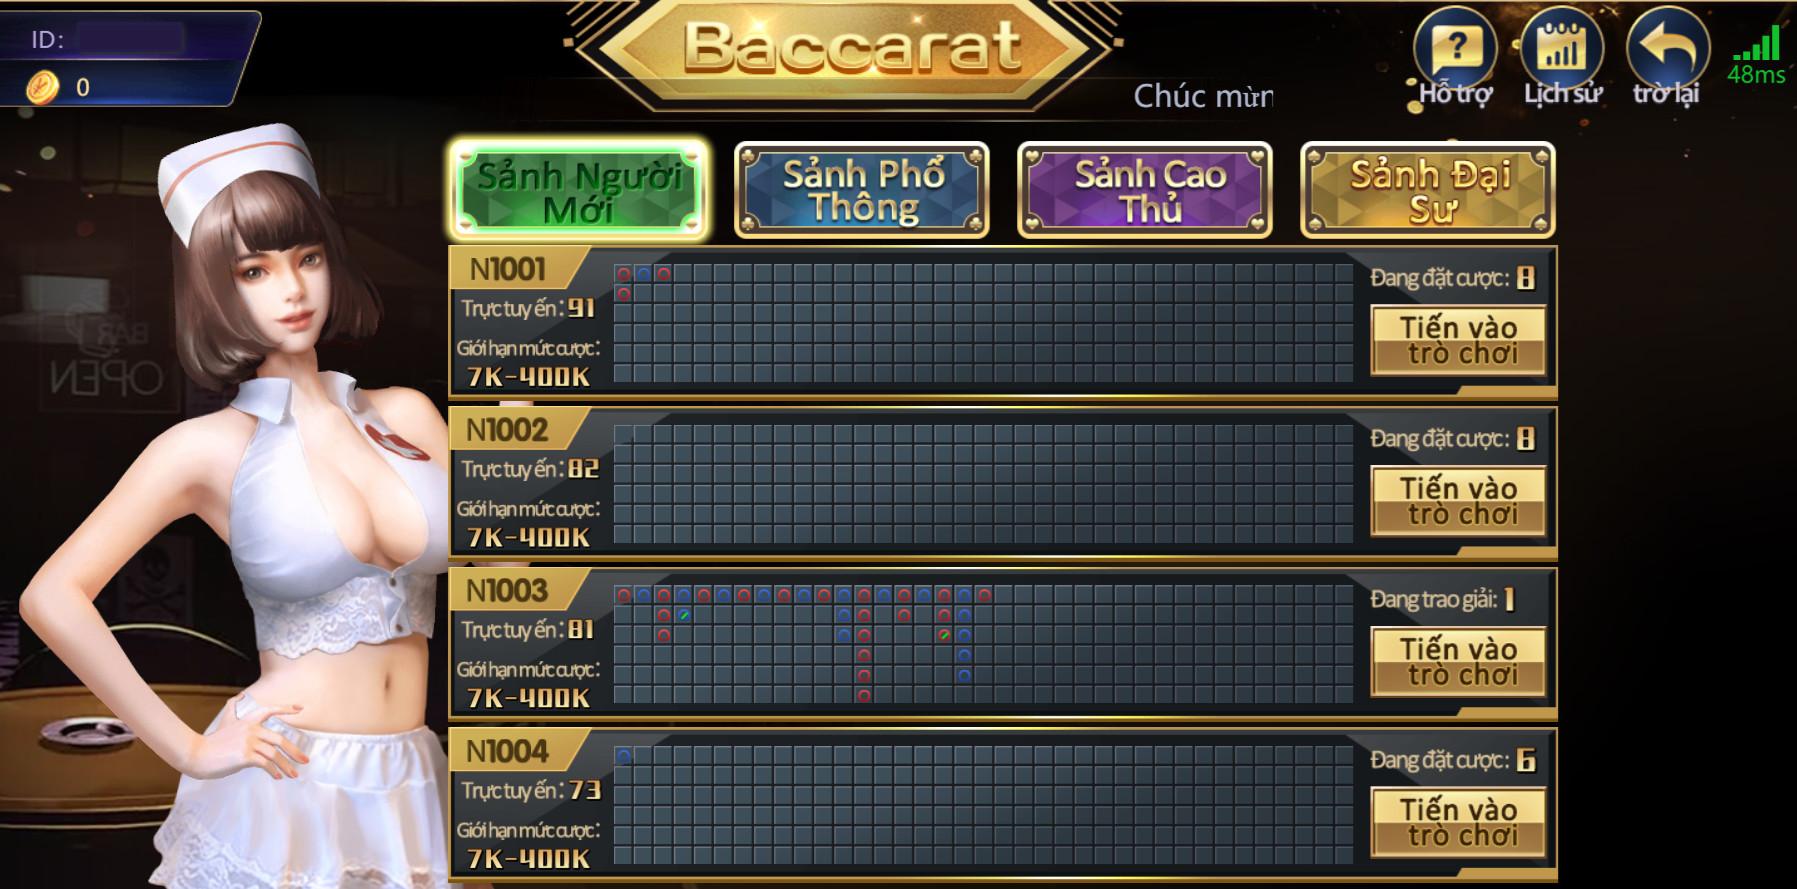 Giao diện sảnh Baccarat tại nhà cái 7ball